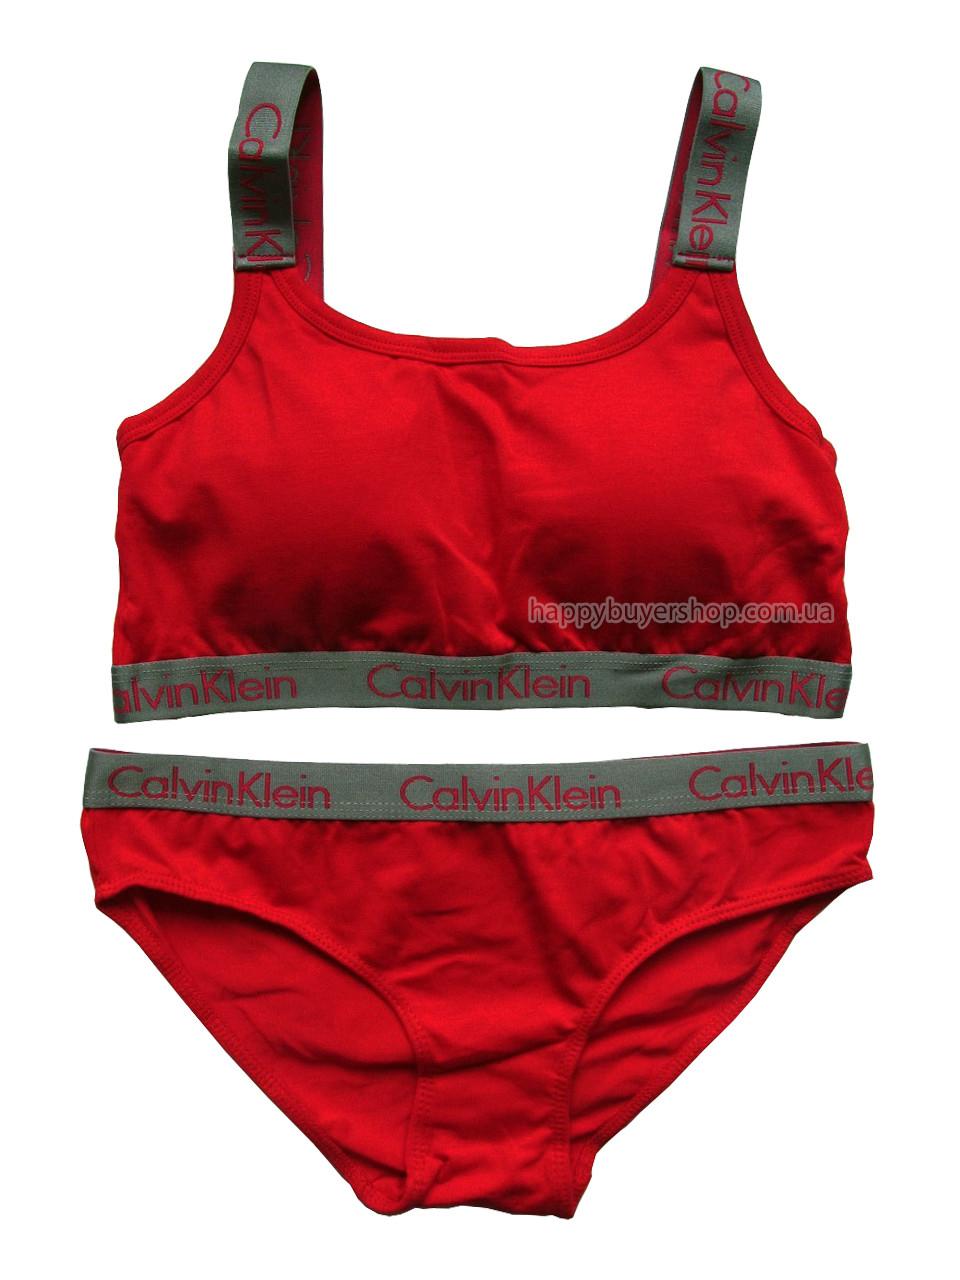 Комплект женского белья Кельвин Кляйн Radiant (реплика) слипы+топ с чашечками красный